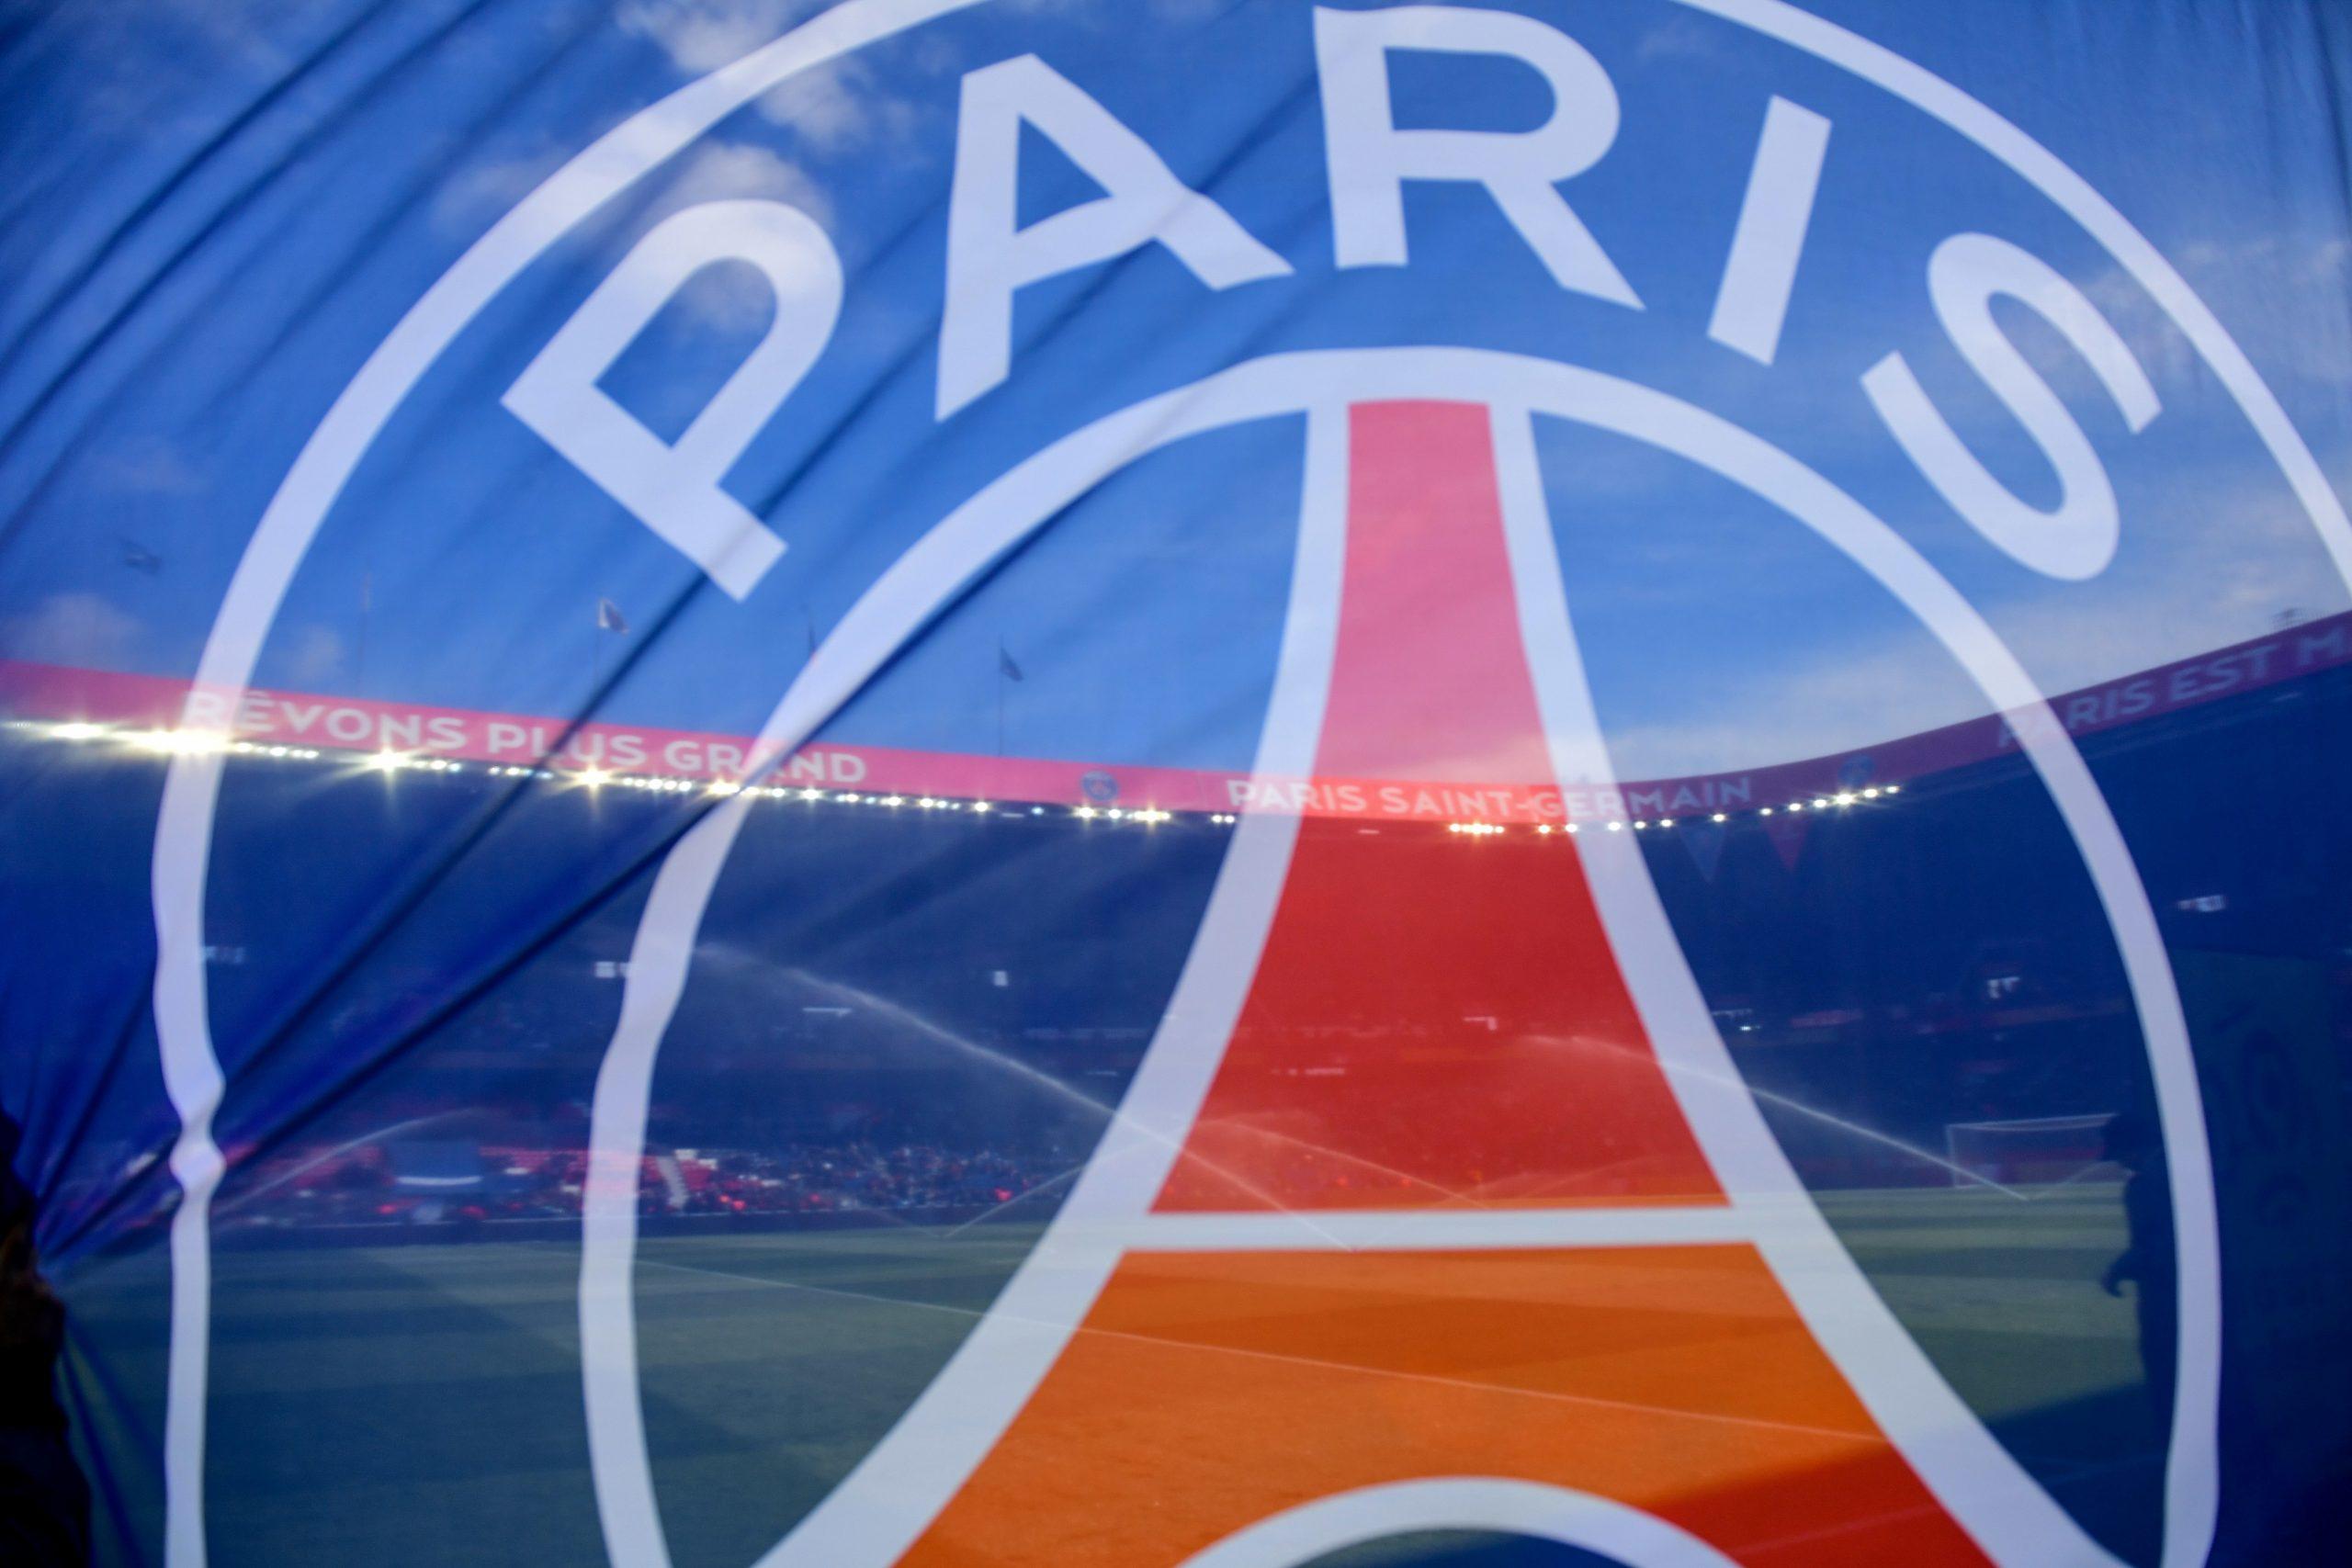 Officiel - Le PSG annonce qu'il a 3 joueurs positifs au coronavirus